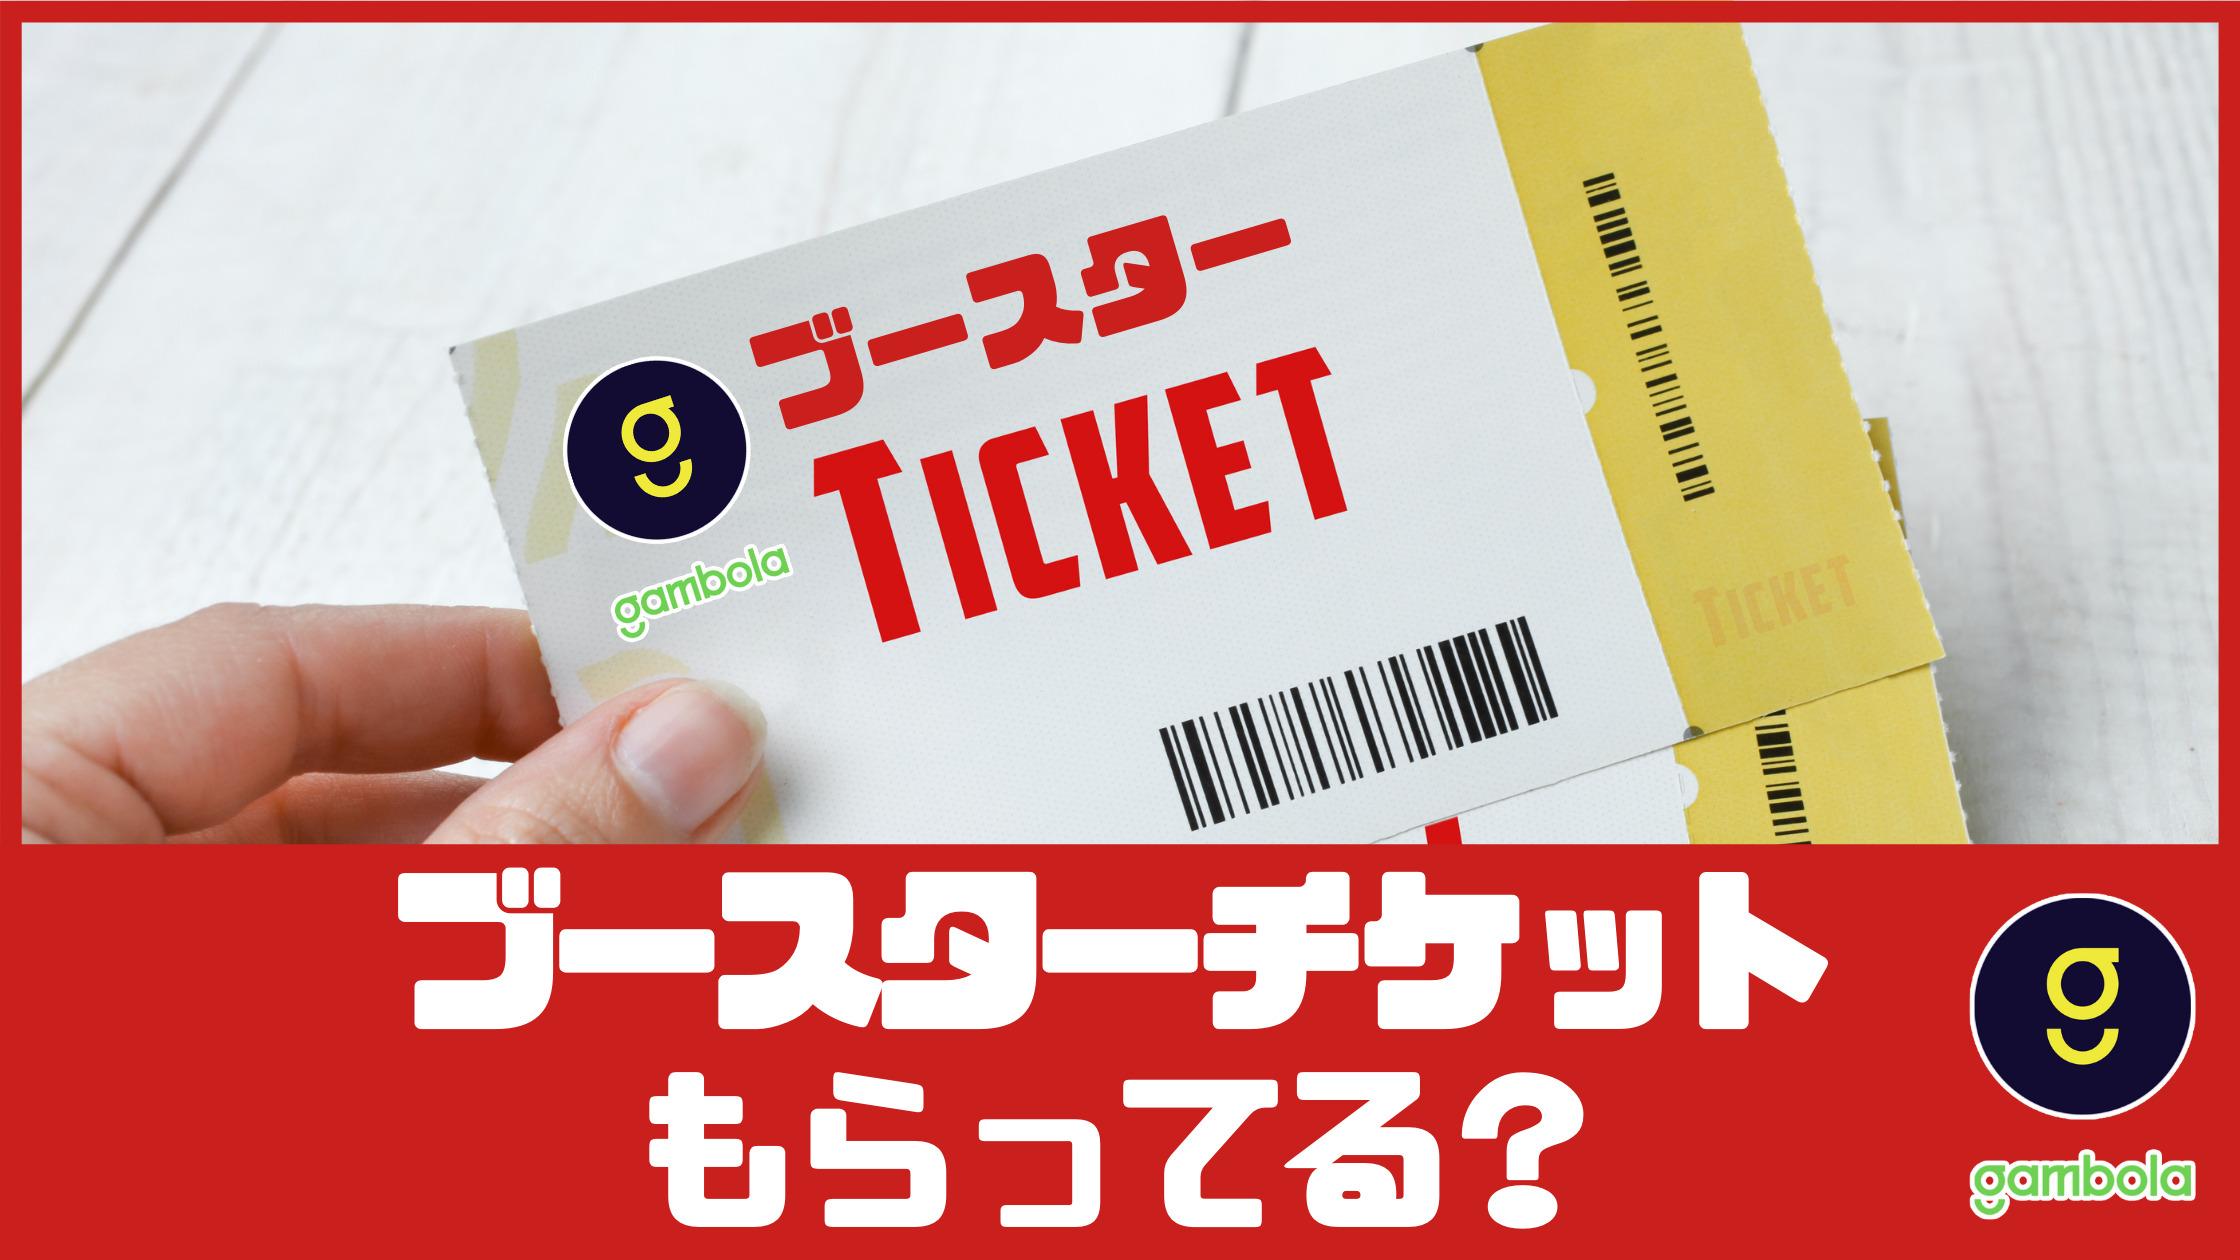 【ギャンボラ 】今週はブースターチケット3枚もらえます!必勝キャッシュレース